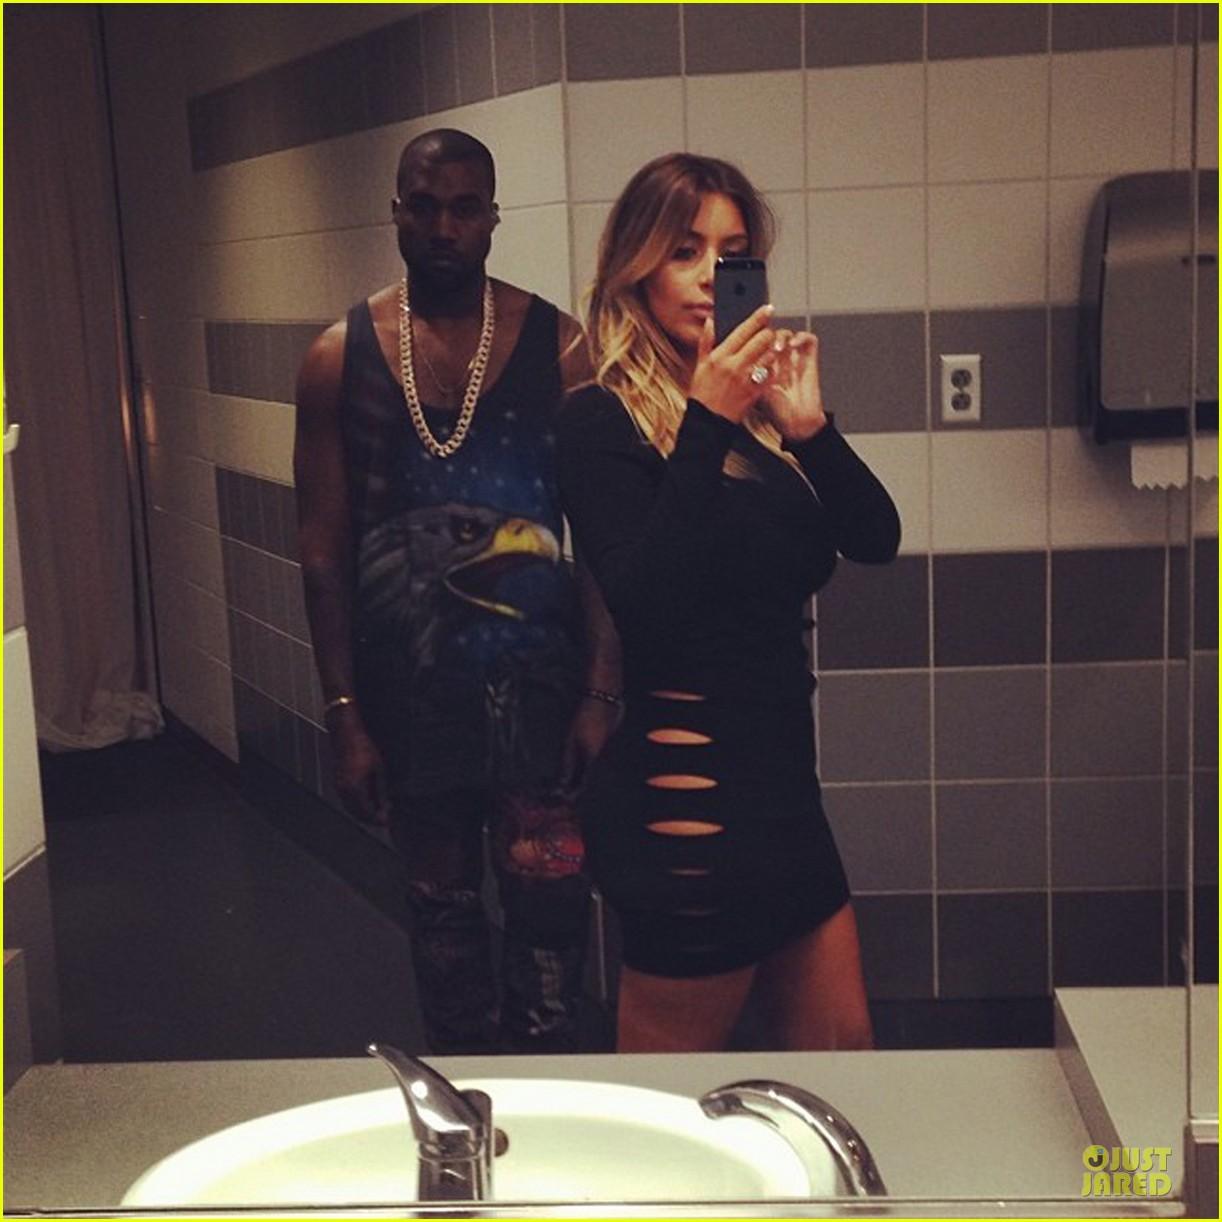 Il Selfie: moda/mania?!! Kim-kardashian-bathrrom-selfie-with-kanye-west-03